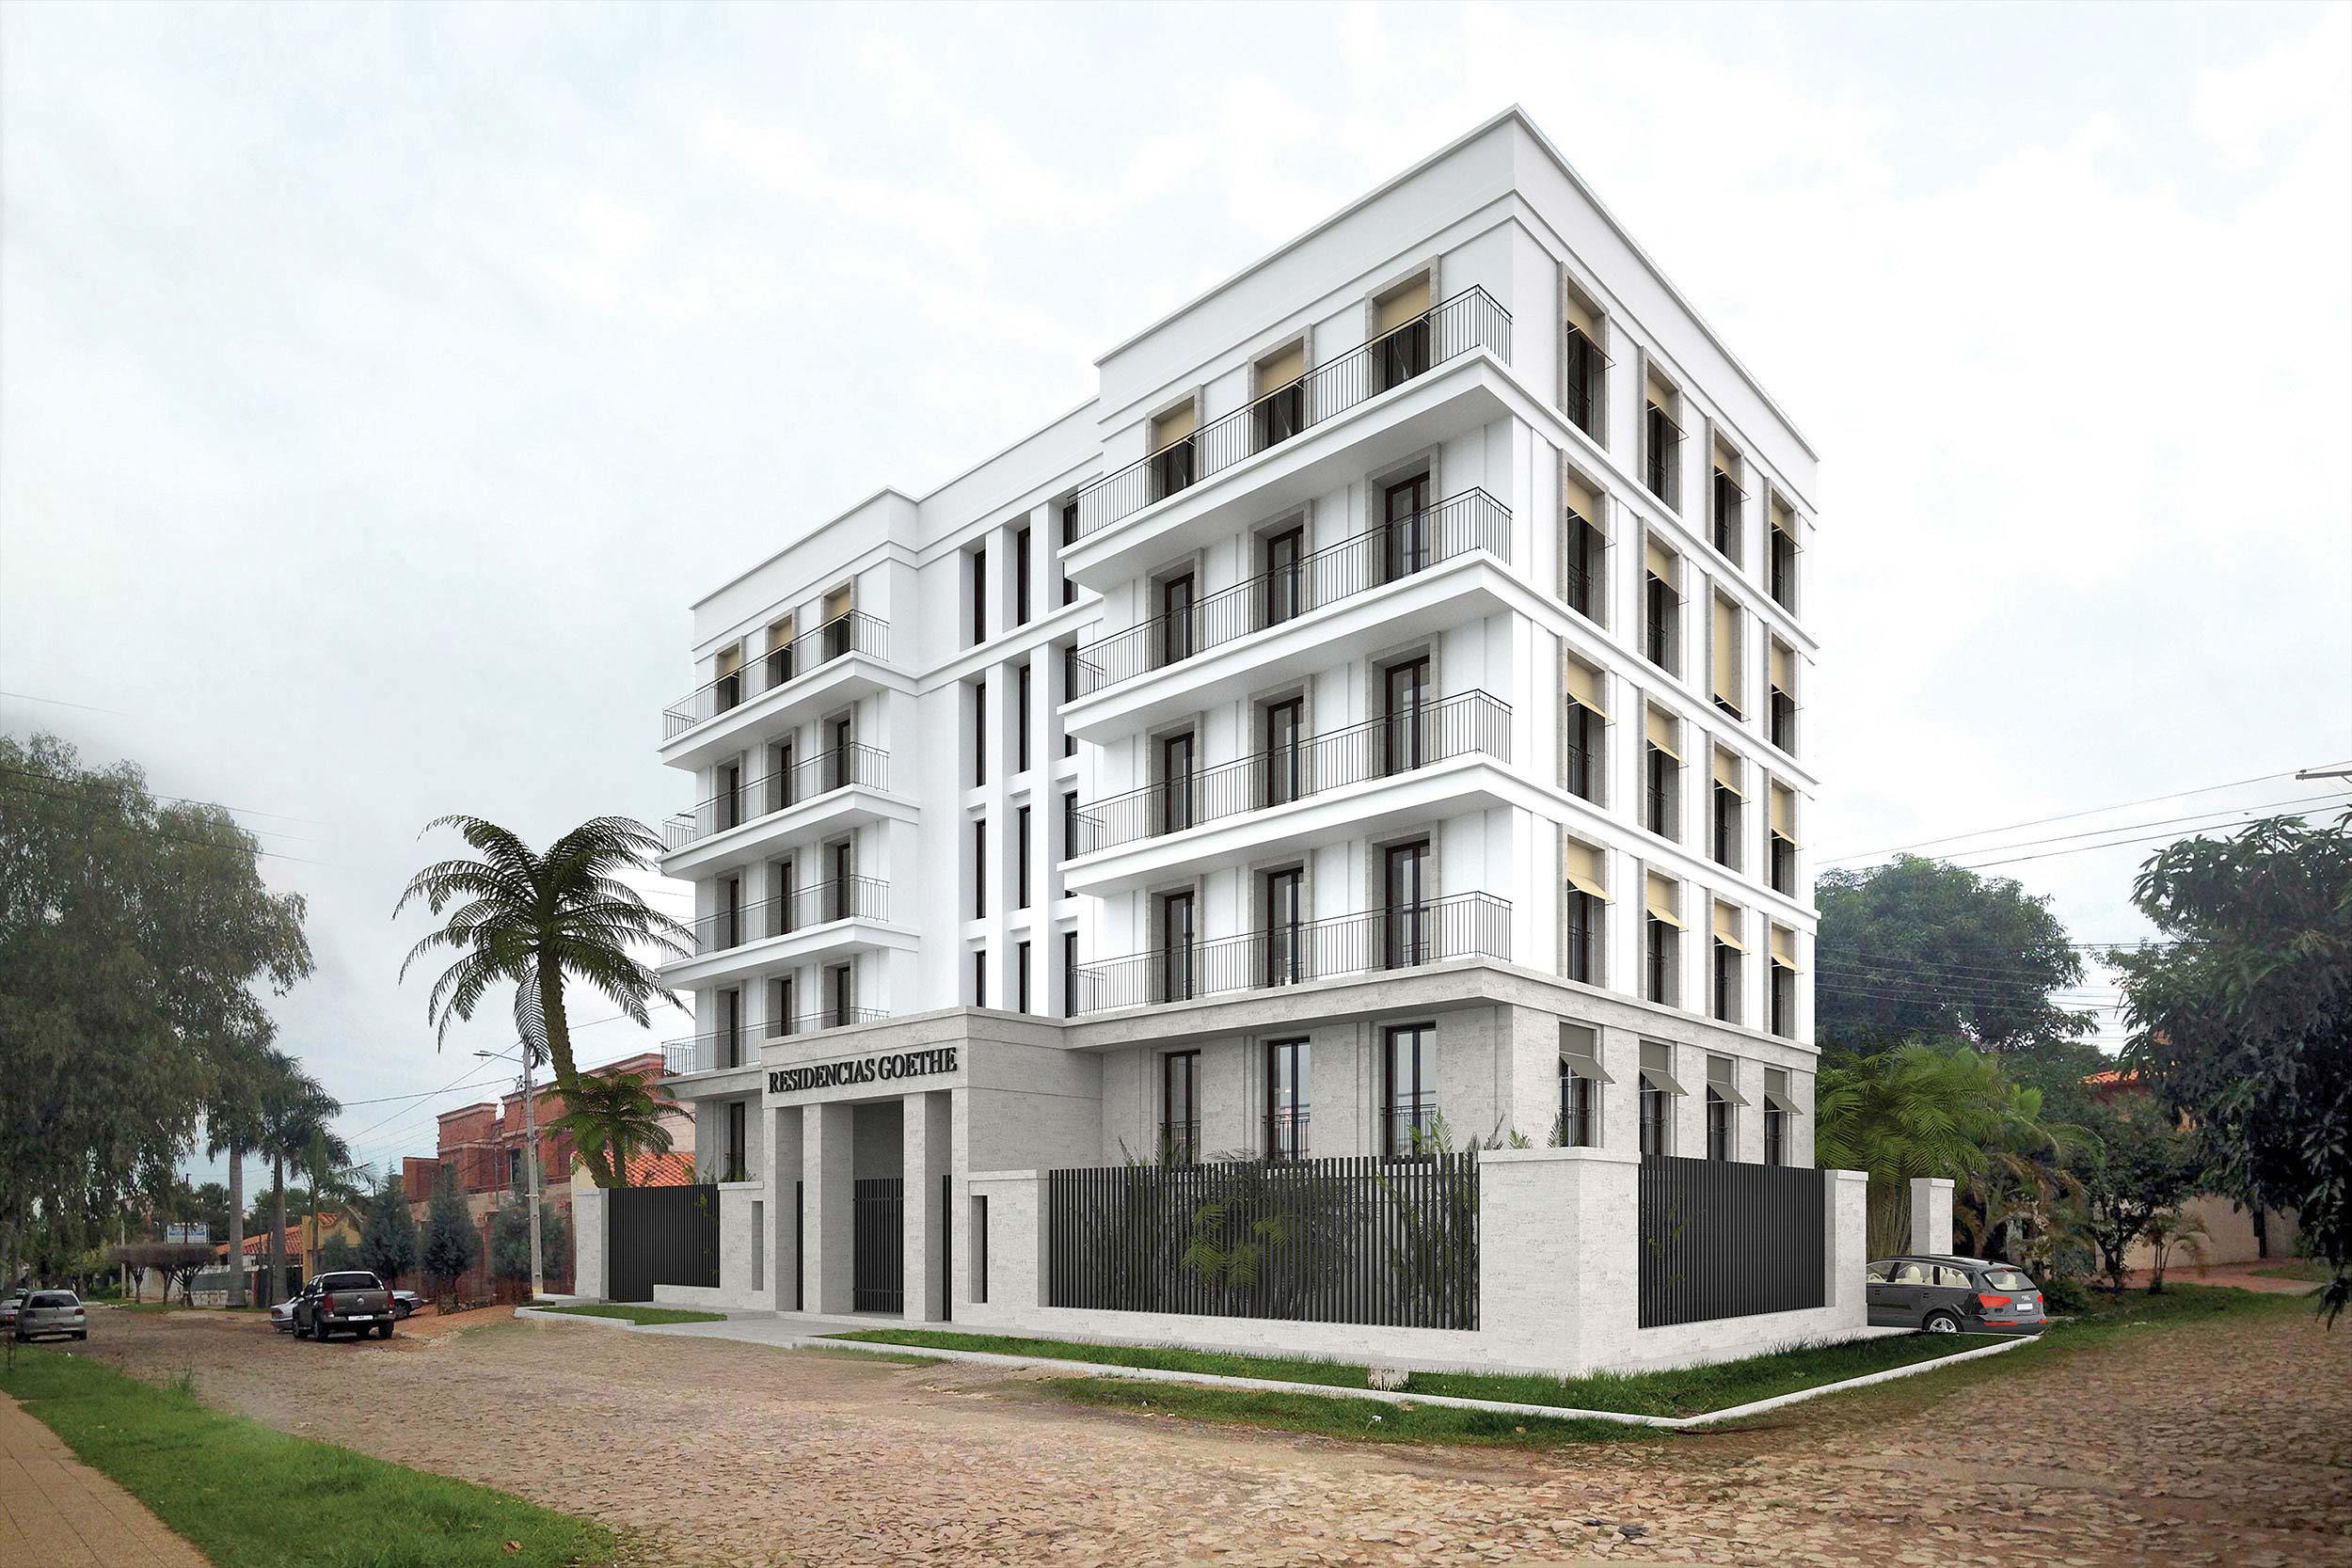 GOETHE RESIDENZEN - Neubau eines Appartementhauses mit exklusiven Wohnungen - Das Design verbindet europäische und regionale Stilelemente des Klassizismus.